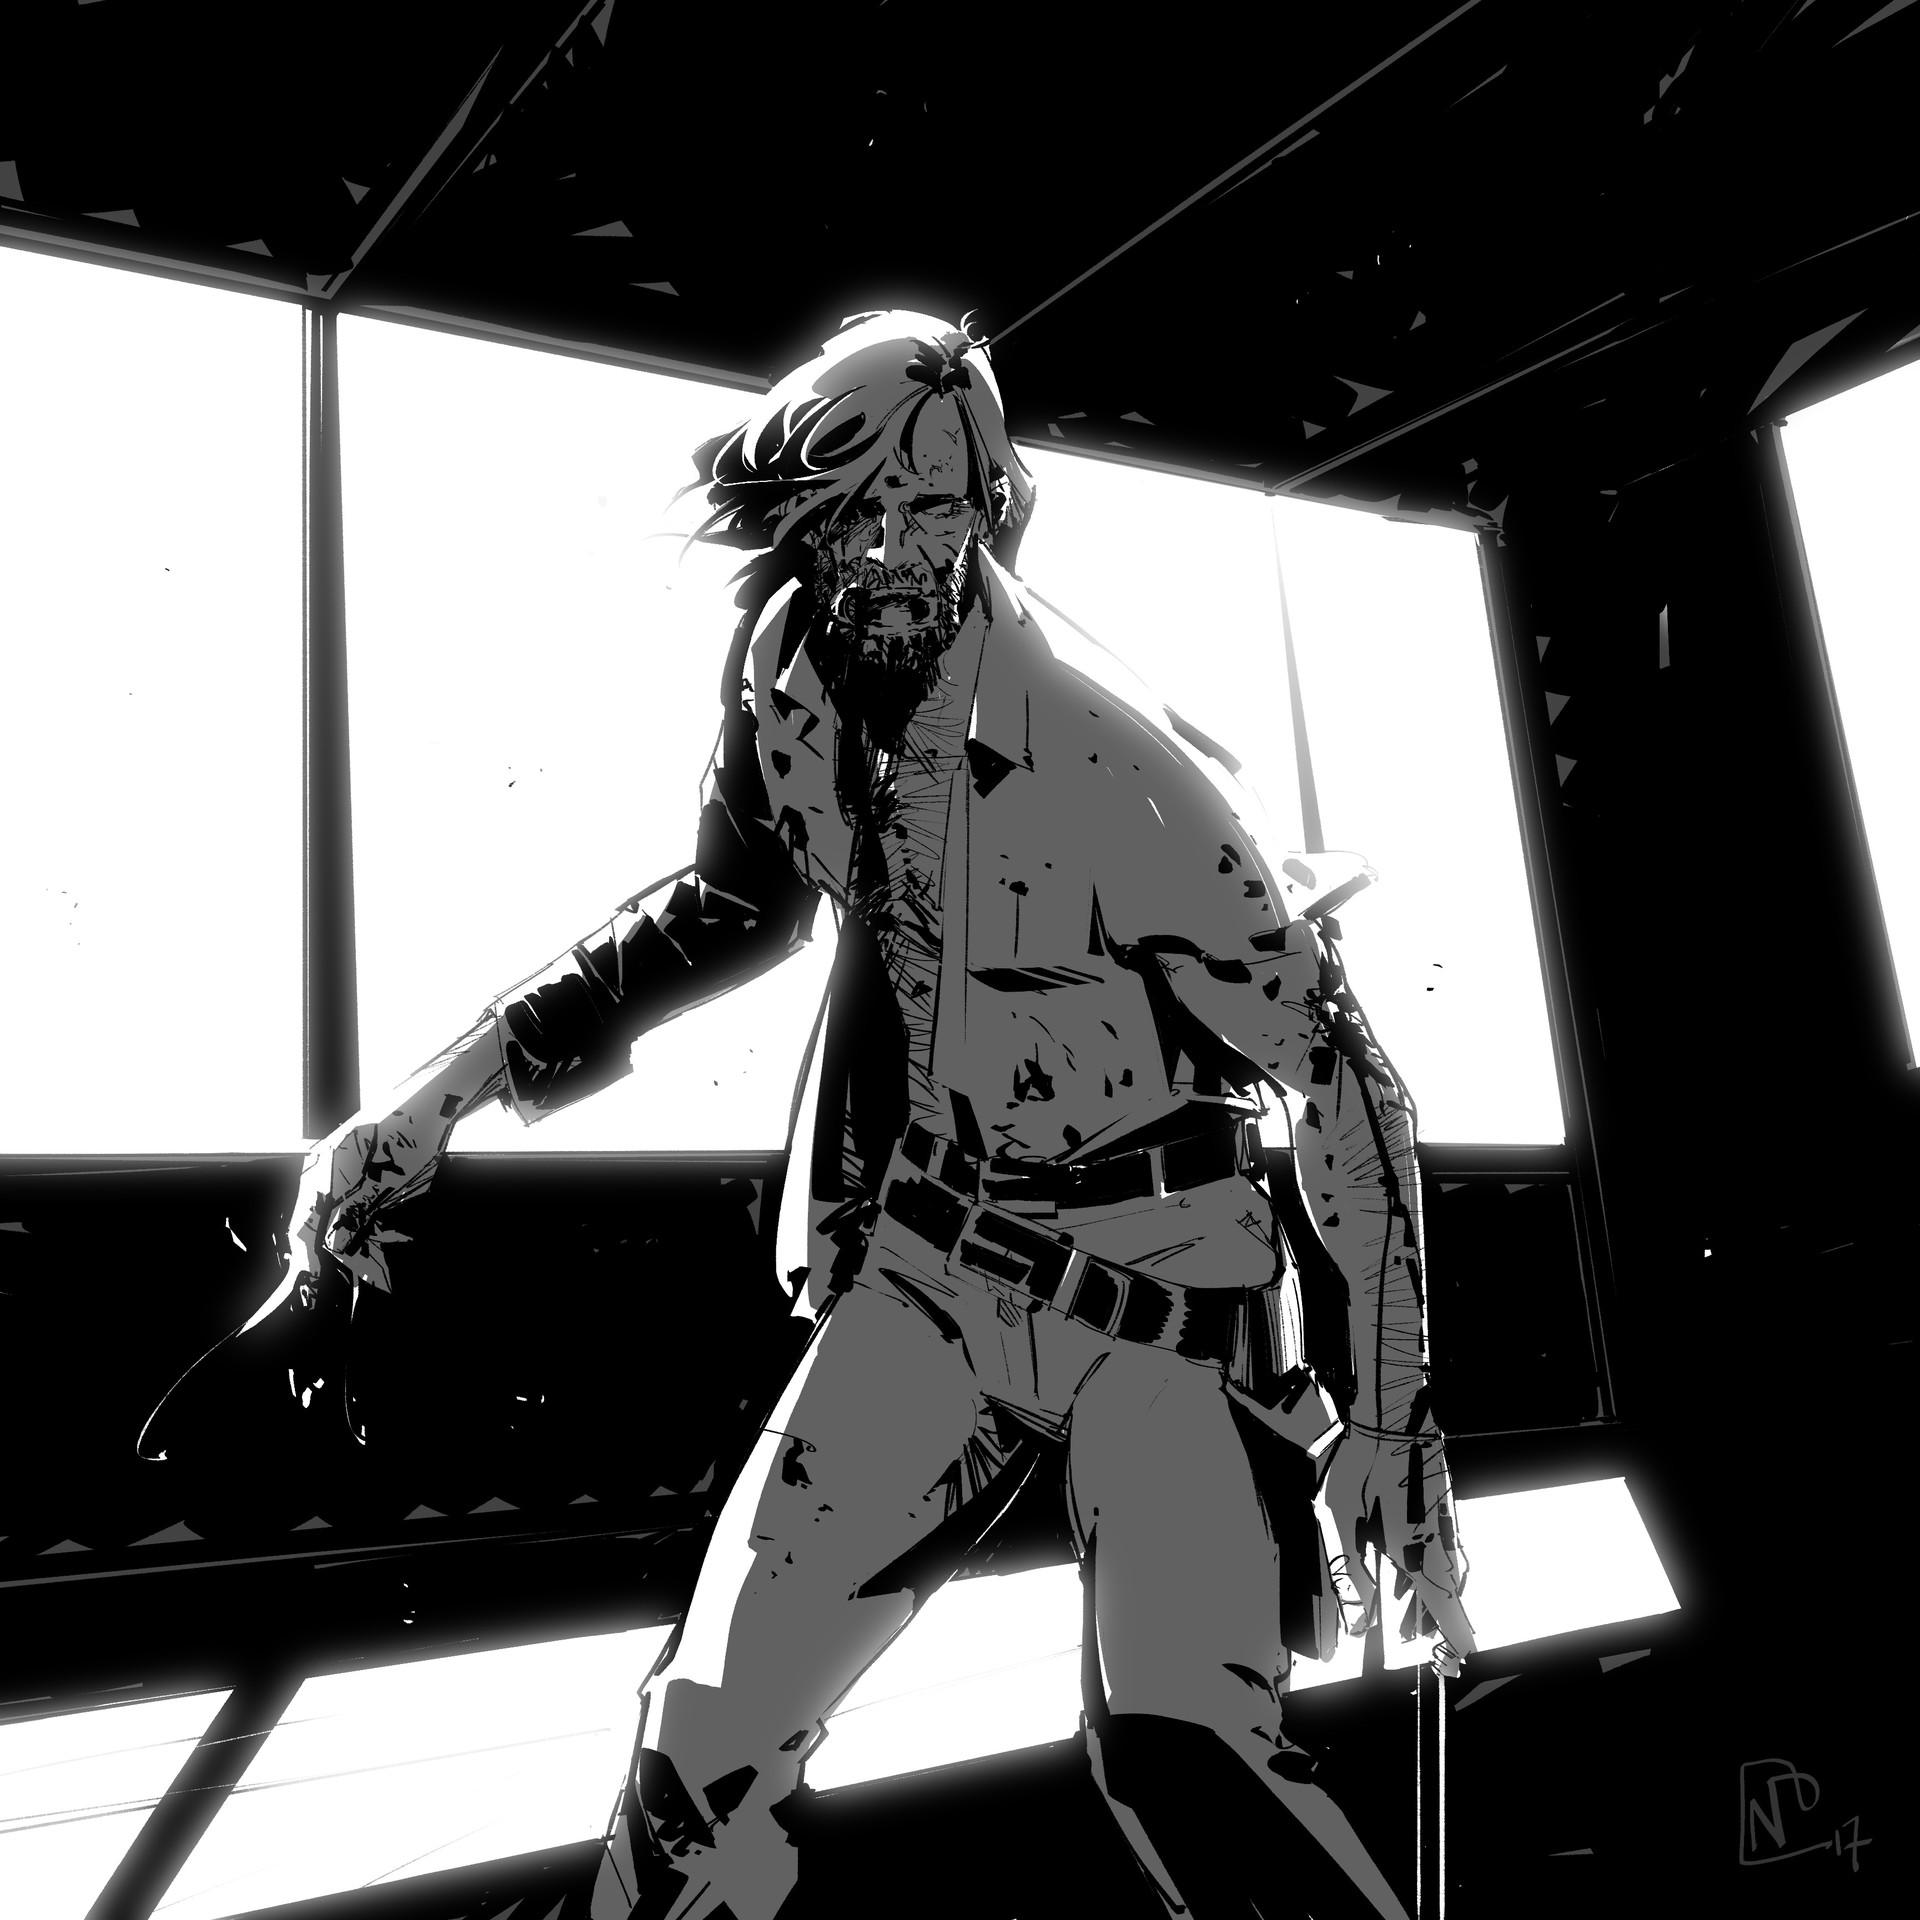 Nicolas petrimaux zombiie